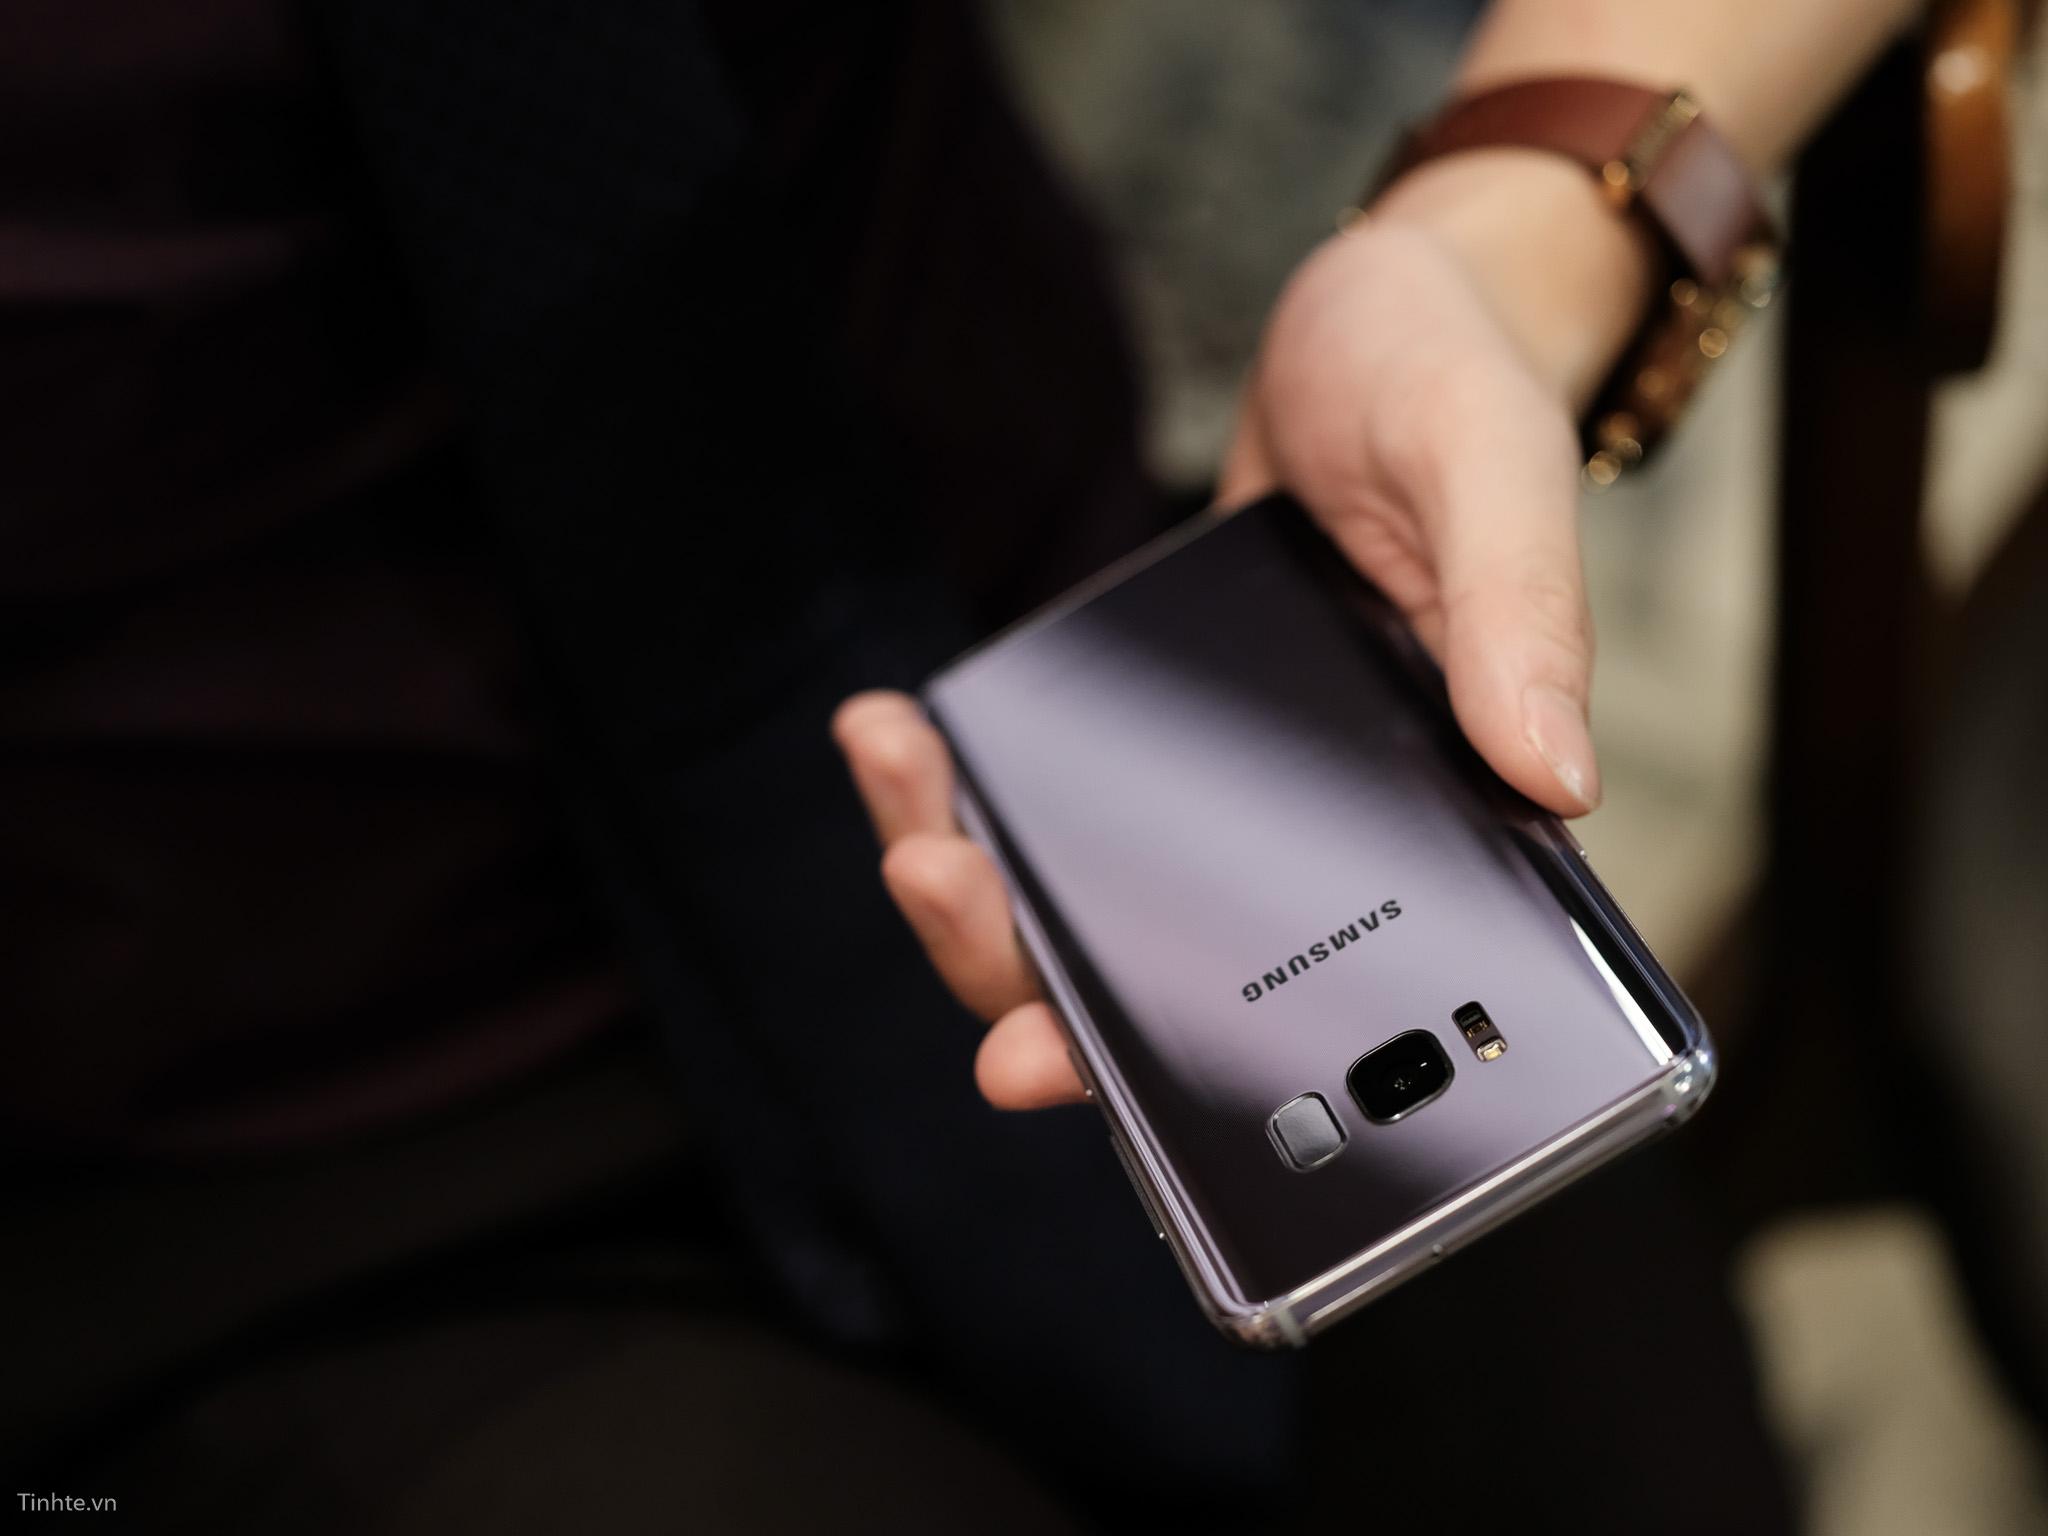 tinhte_anh_so_sanh_samsung_galaxy_s8_vs_blackberry_keyone_ (13).jpg